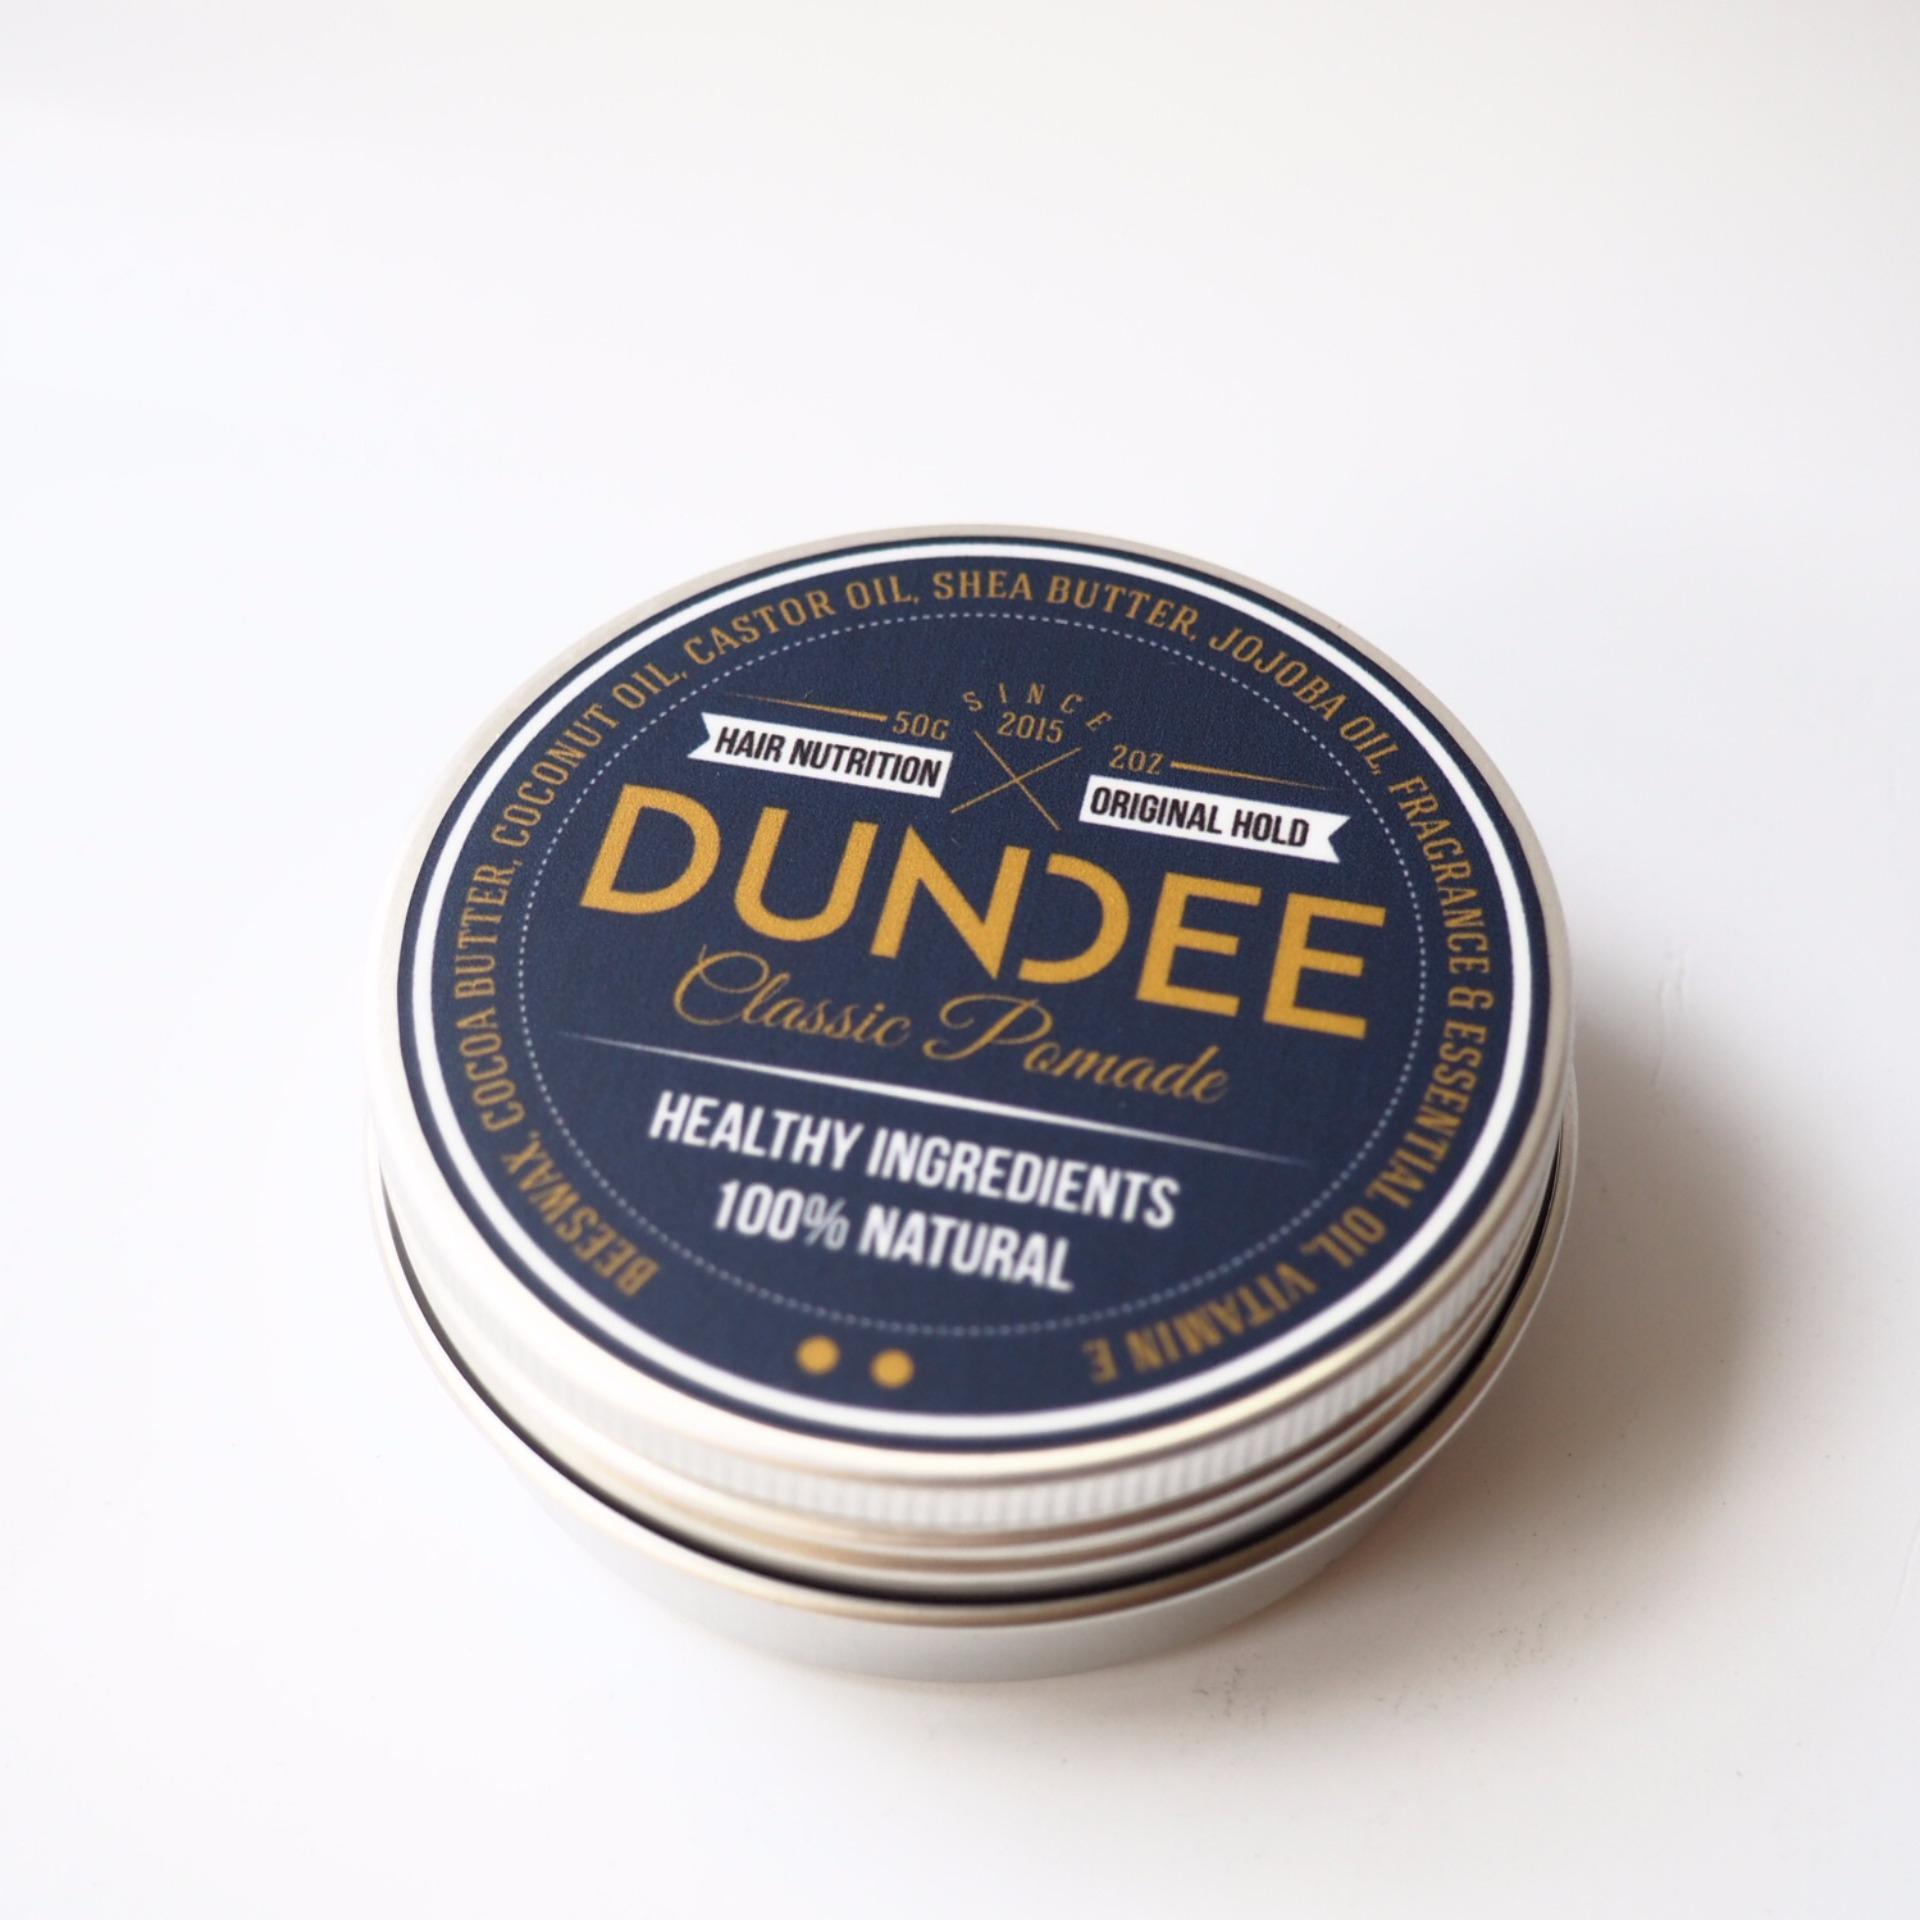 BELI..! DUNDEE Classic Pomade – Original Hold – 50g  100% Natural dan Organik  Sehat untuk rambut  Mencegah kerontokan Terlaris